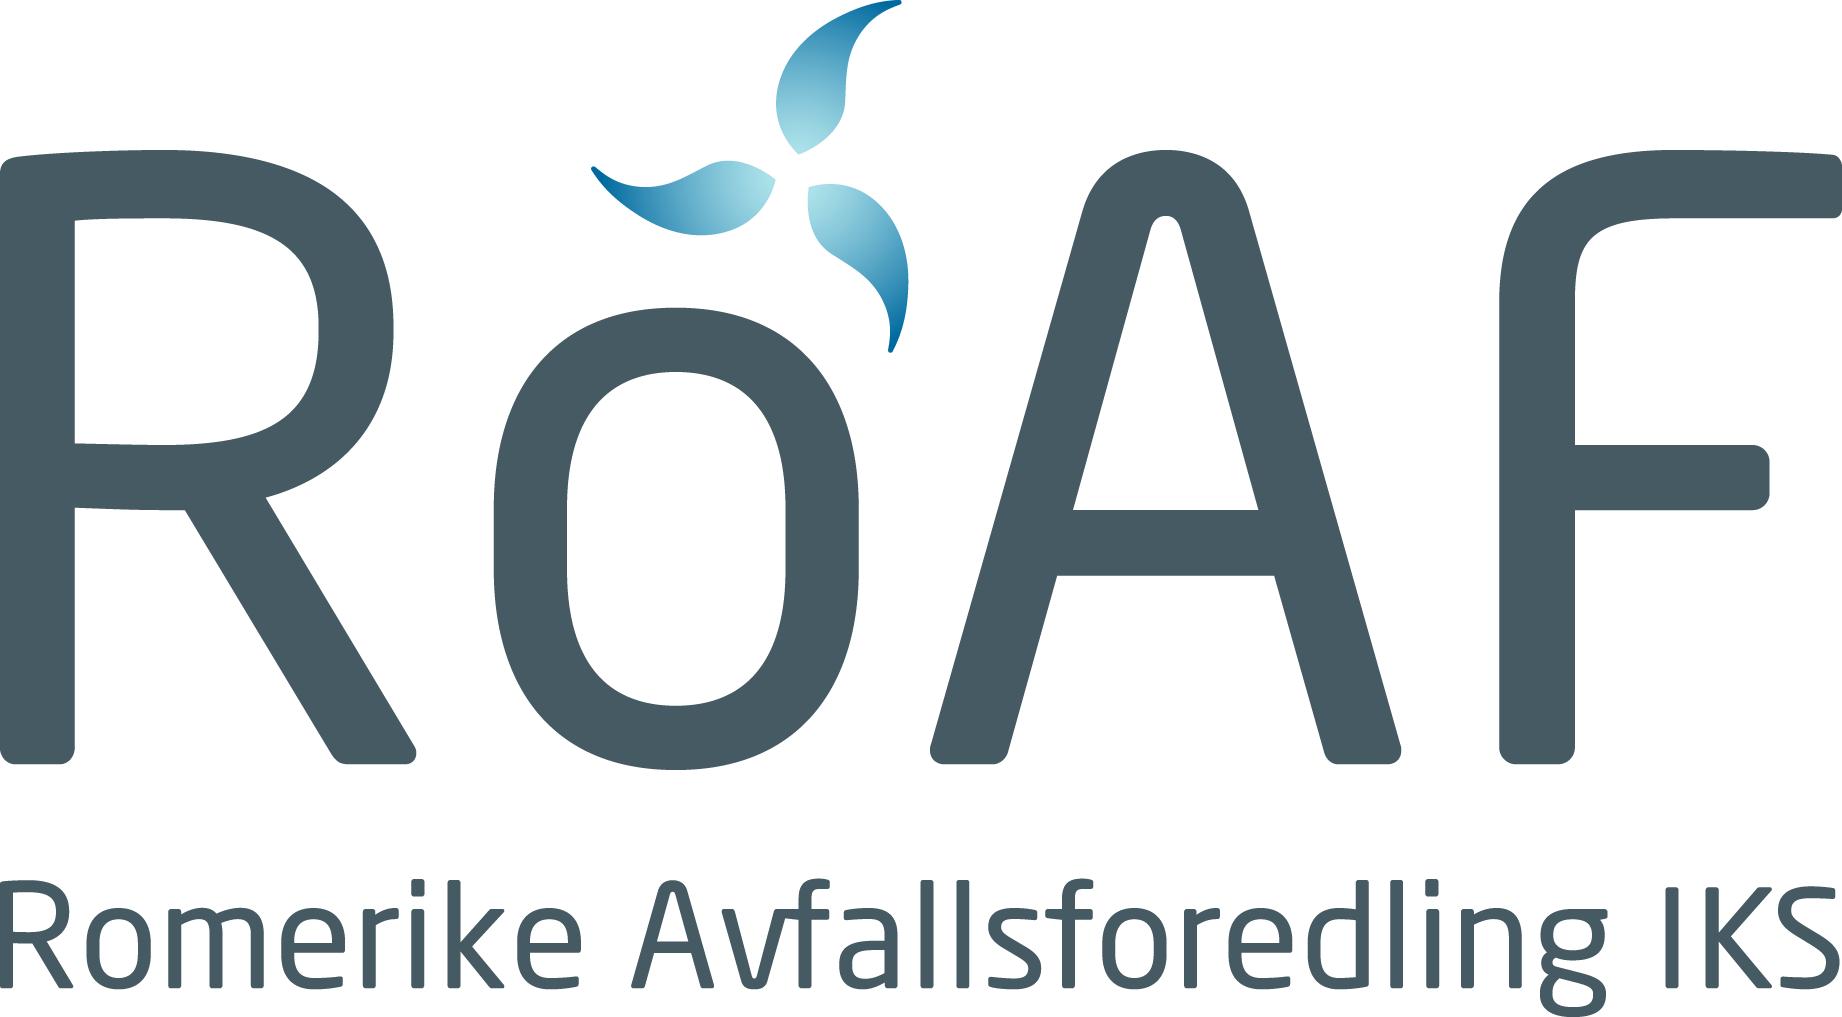 RoAF - Romerike Avfallsforedling IKS